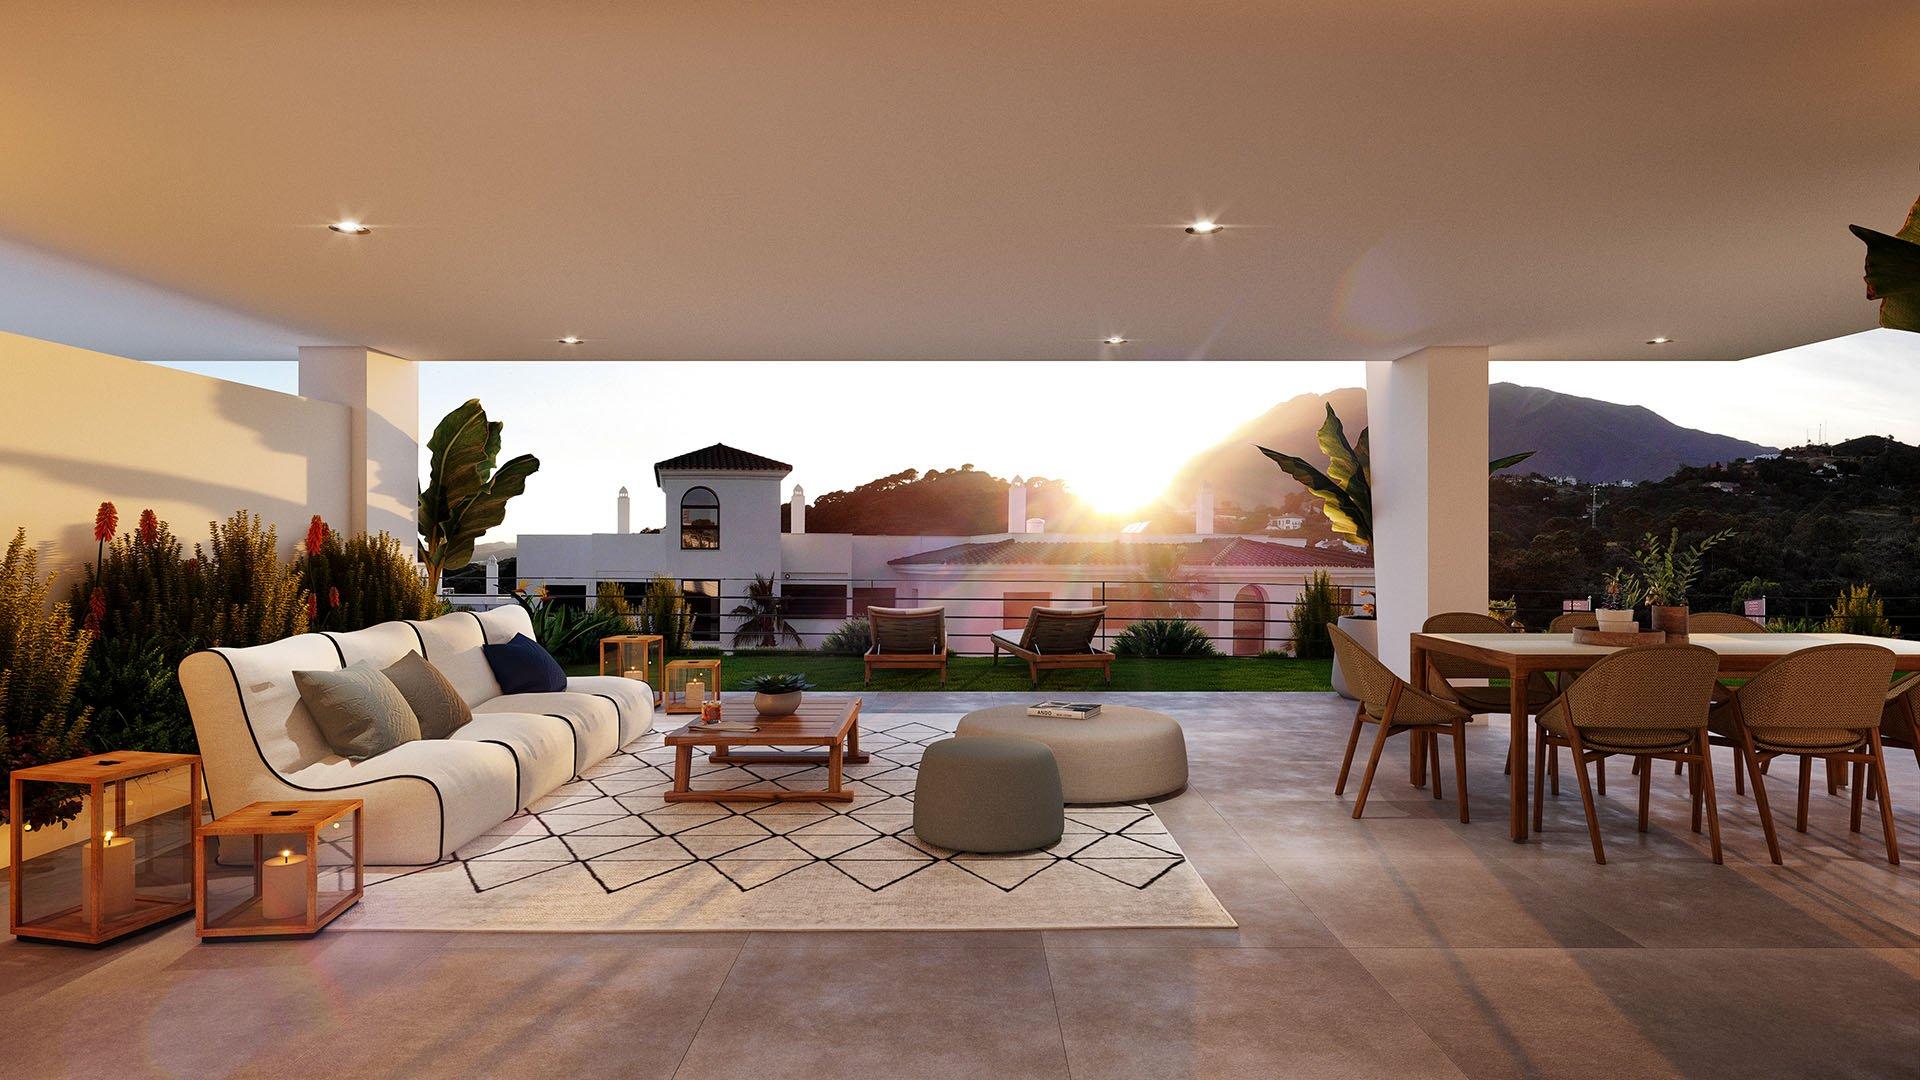 Mirador de Estepona Hills: Penthouses aan de rand van Estepona